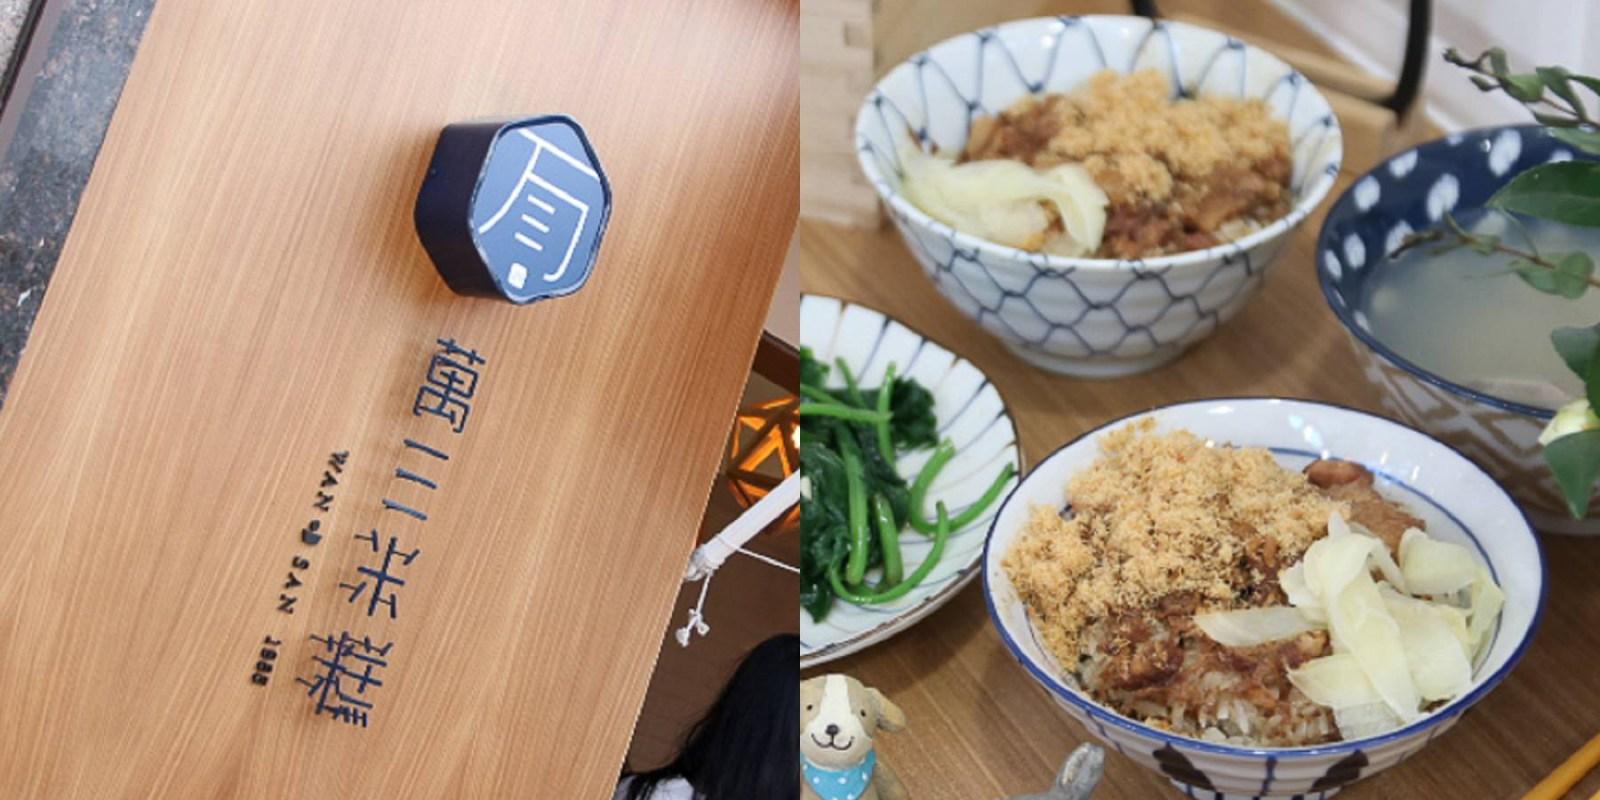 台南美食小吃 三十年老店飄香味~萬三米糕二代店!讓小吃也能很文青~。「萬三米糕—海安店  」|台南小吃|海安路|